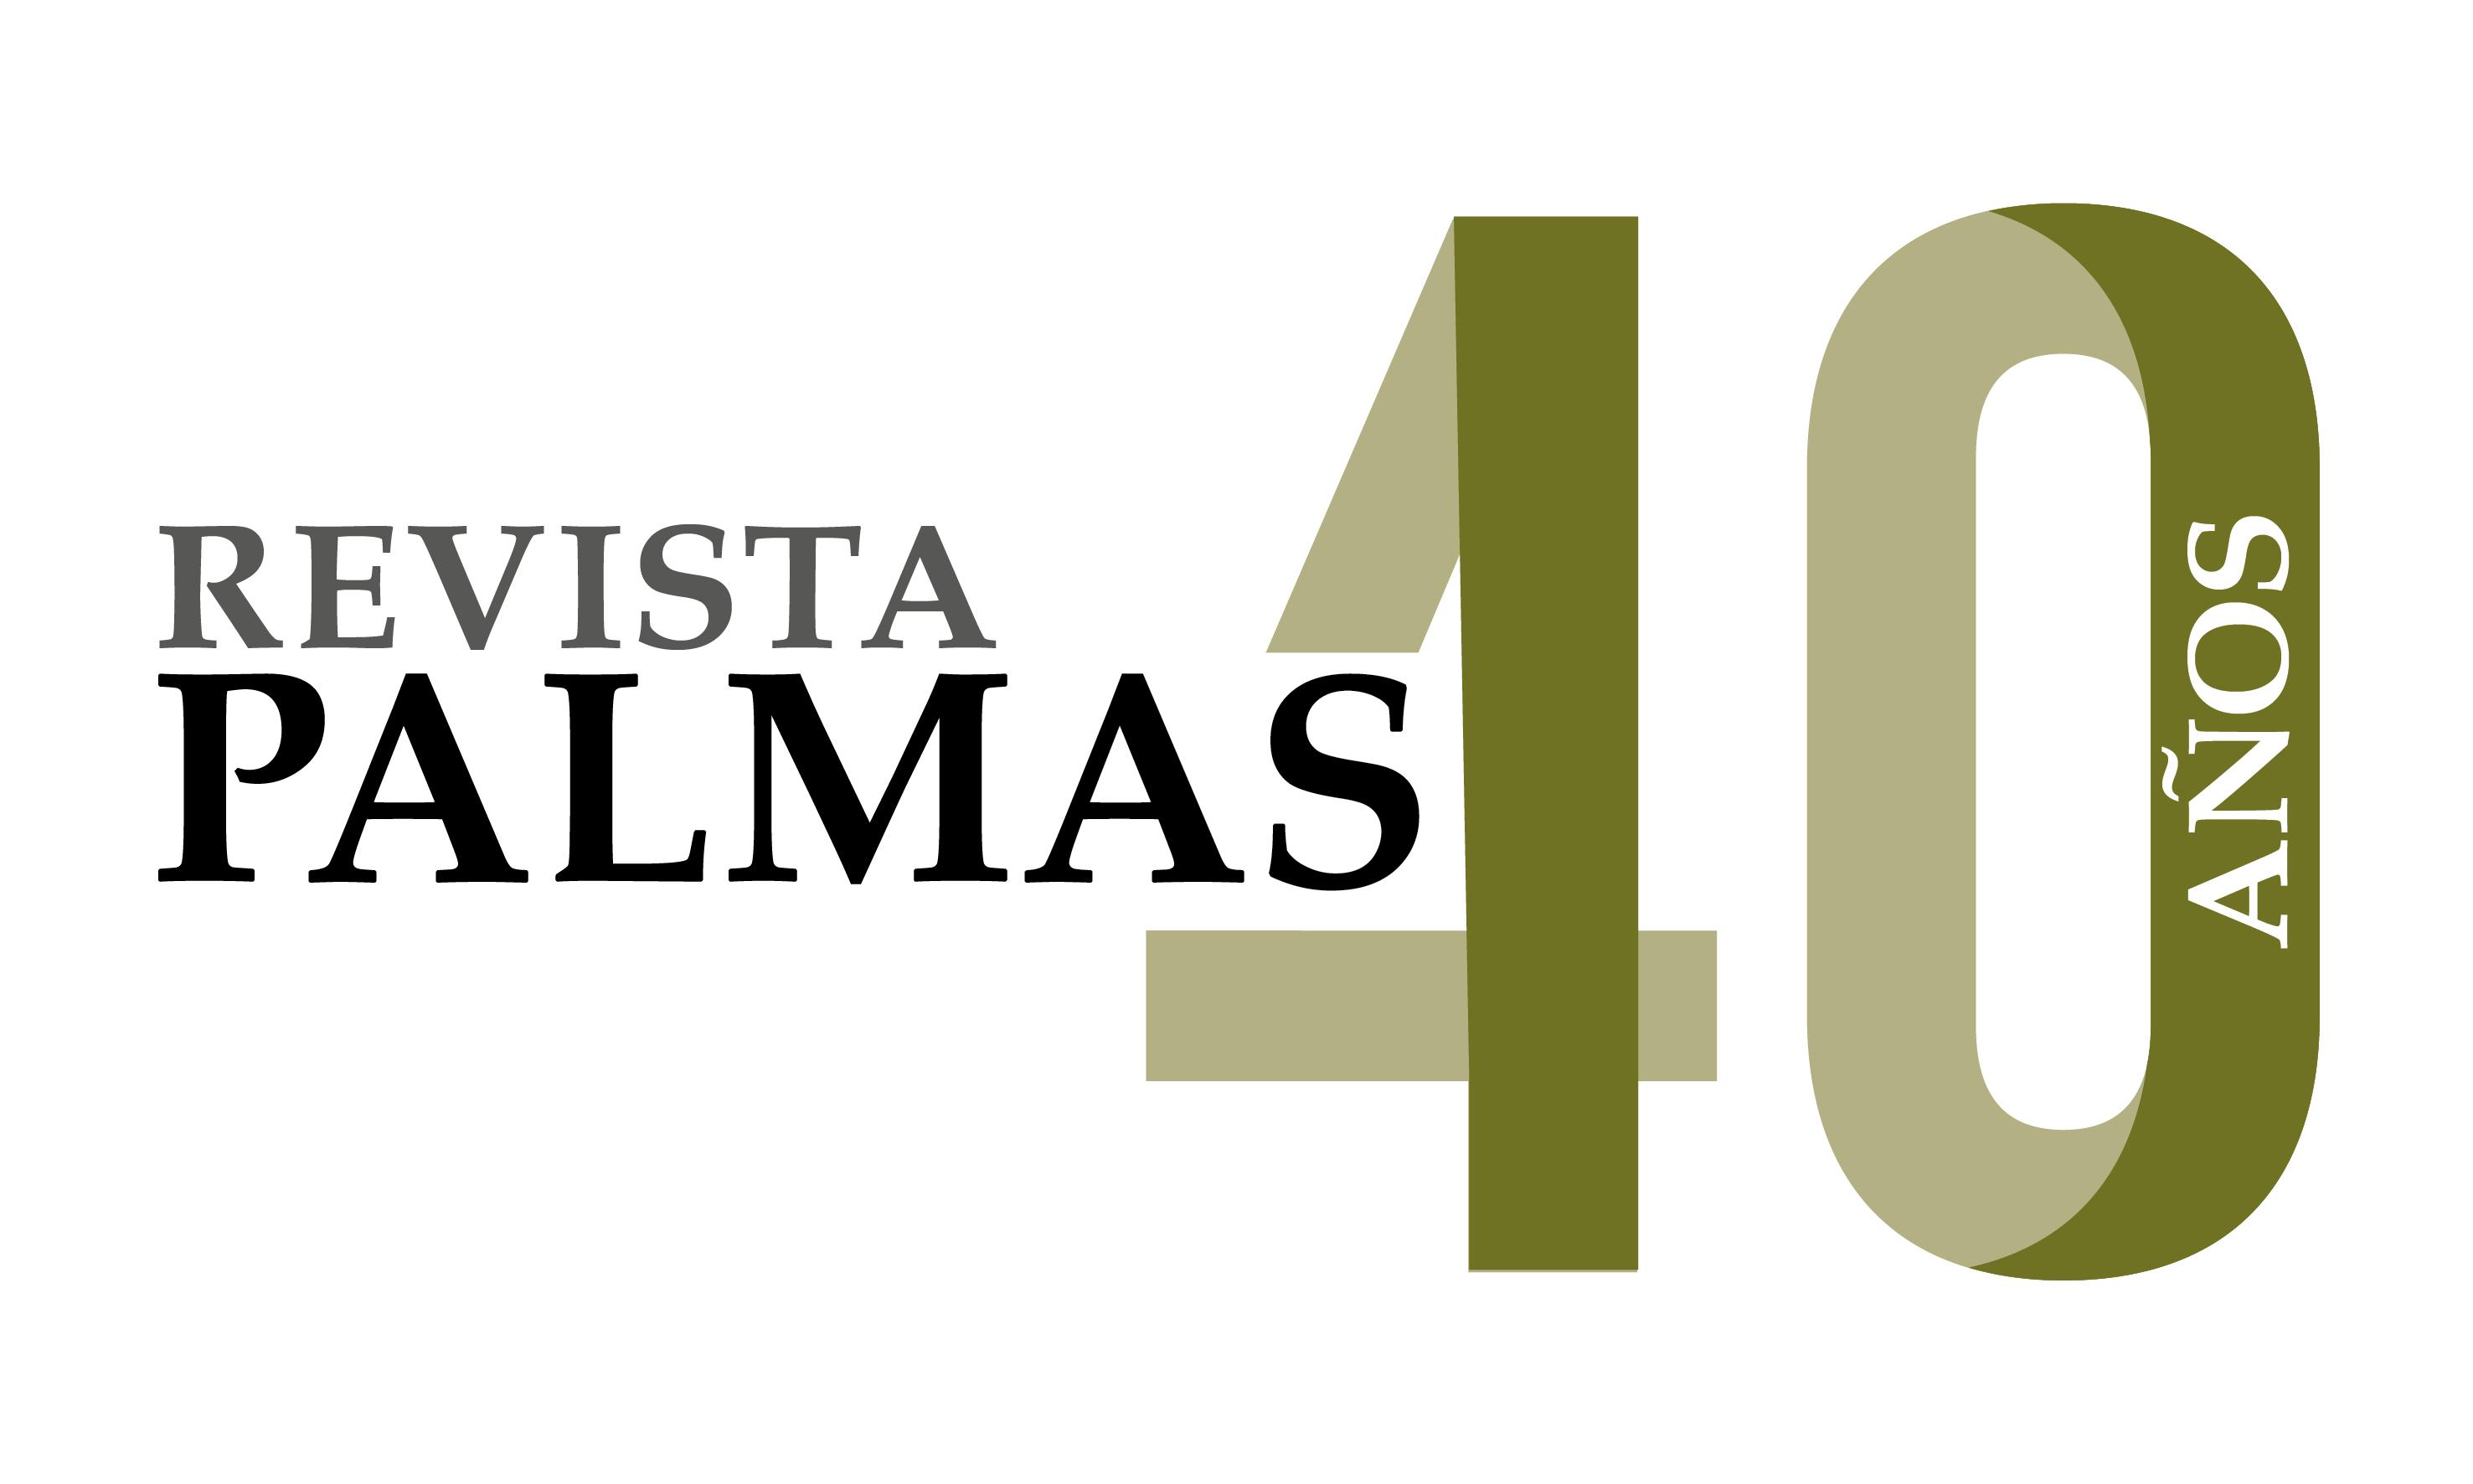 Palmas_40.jpg